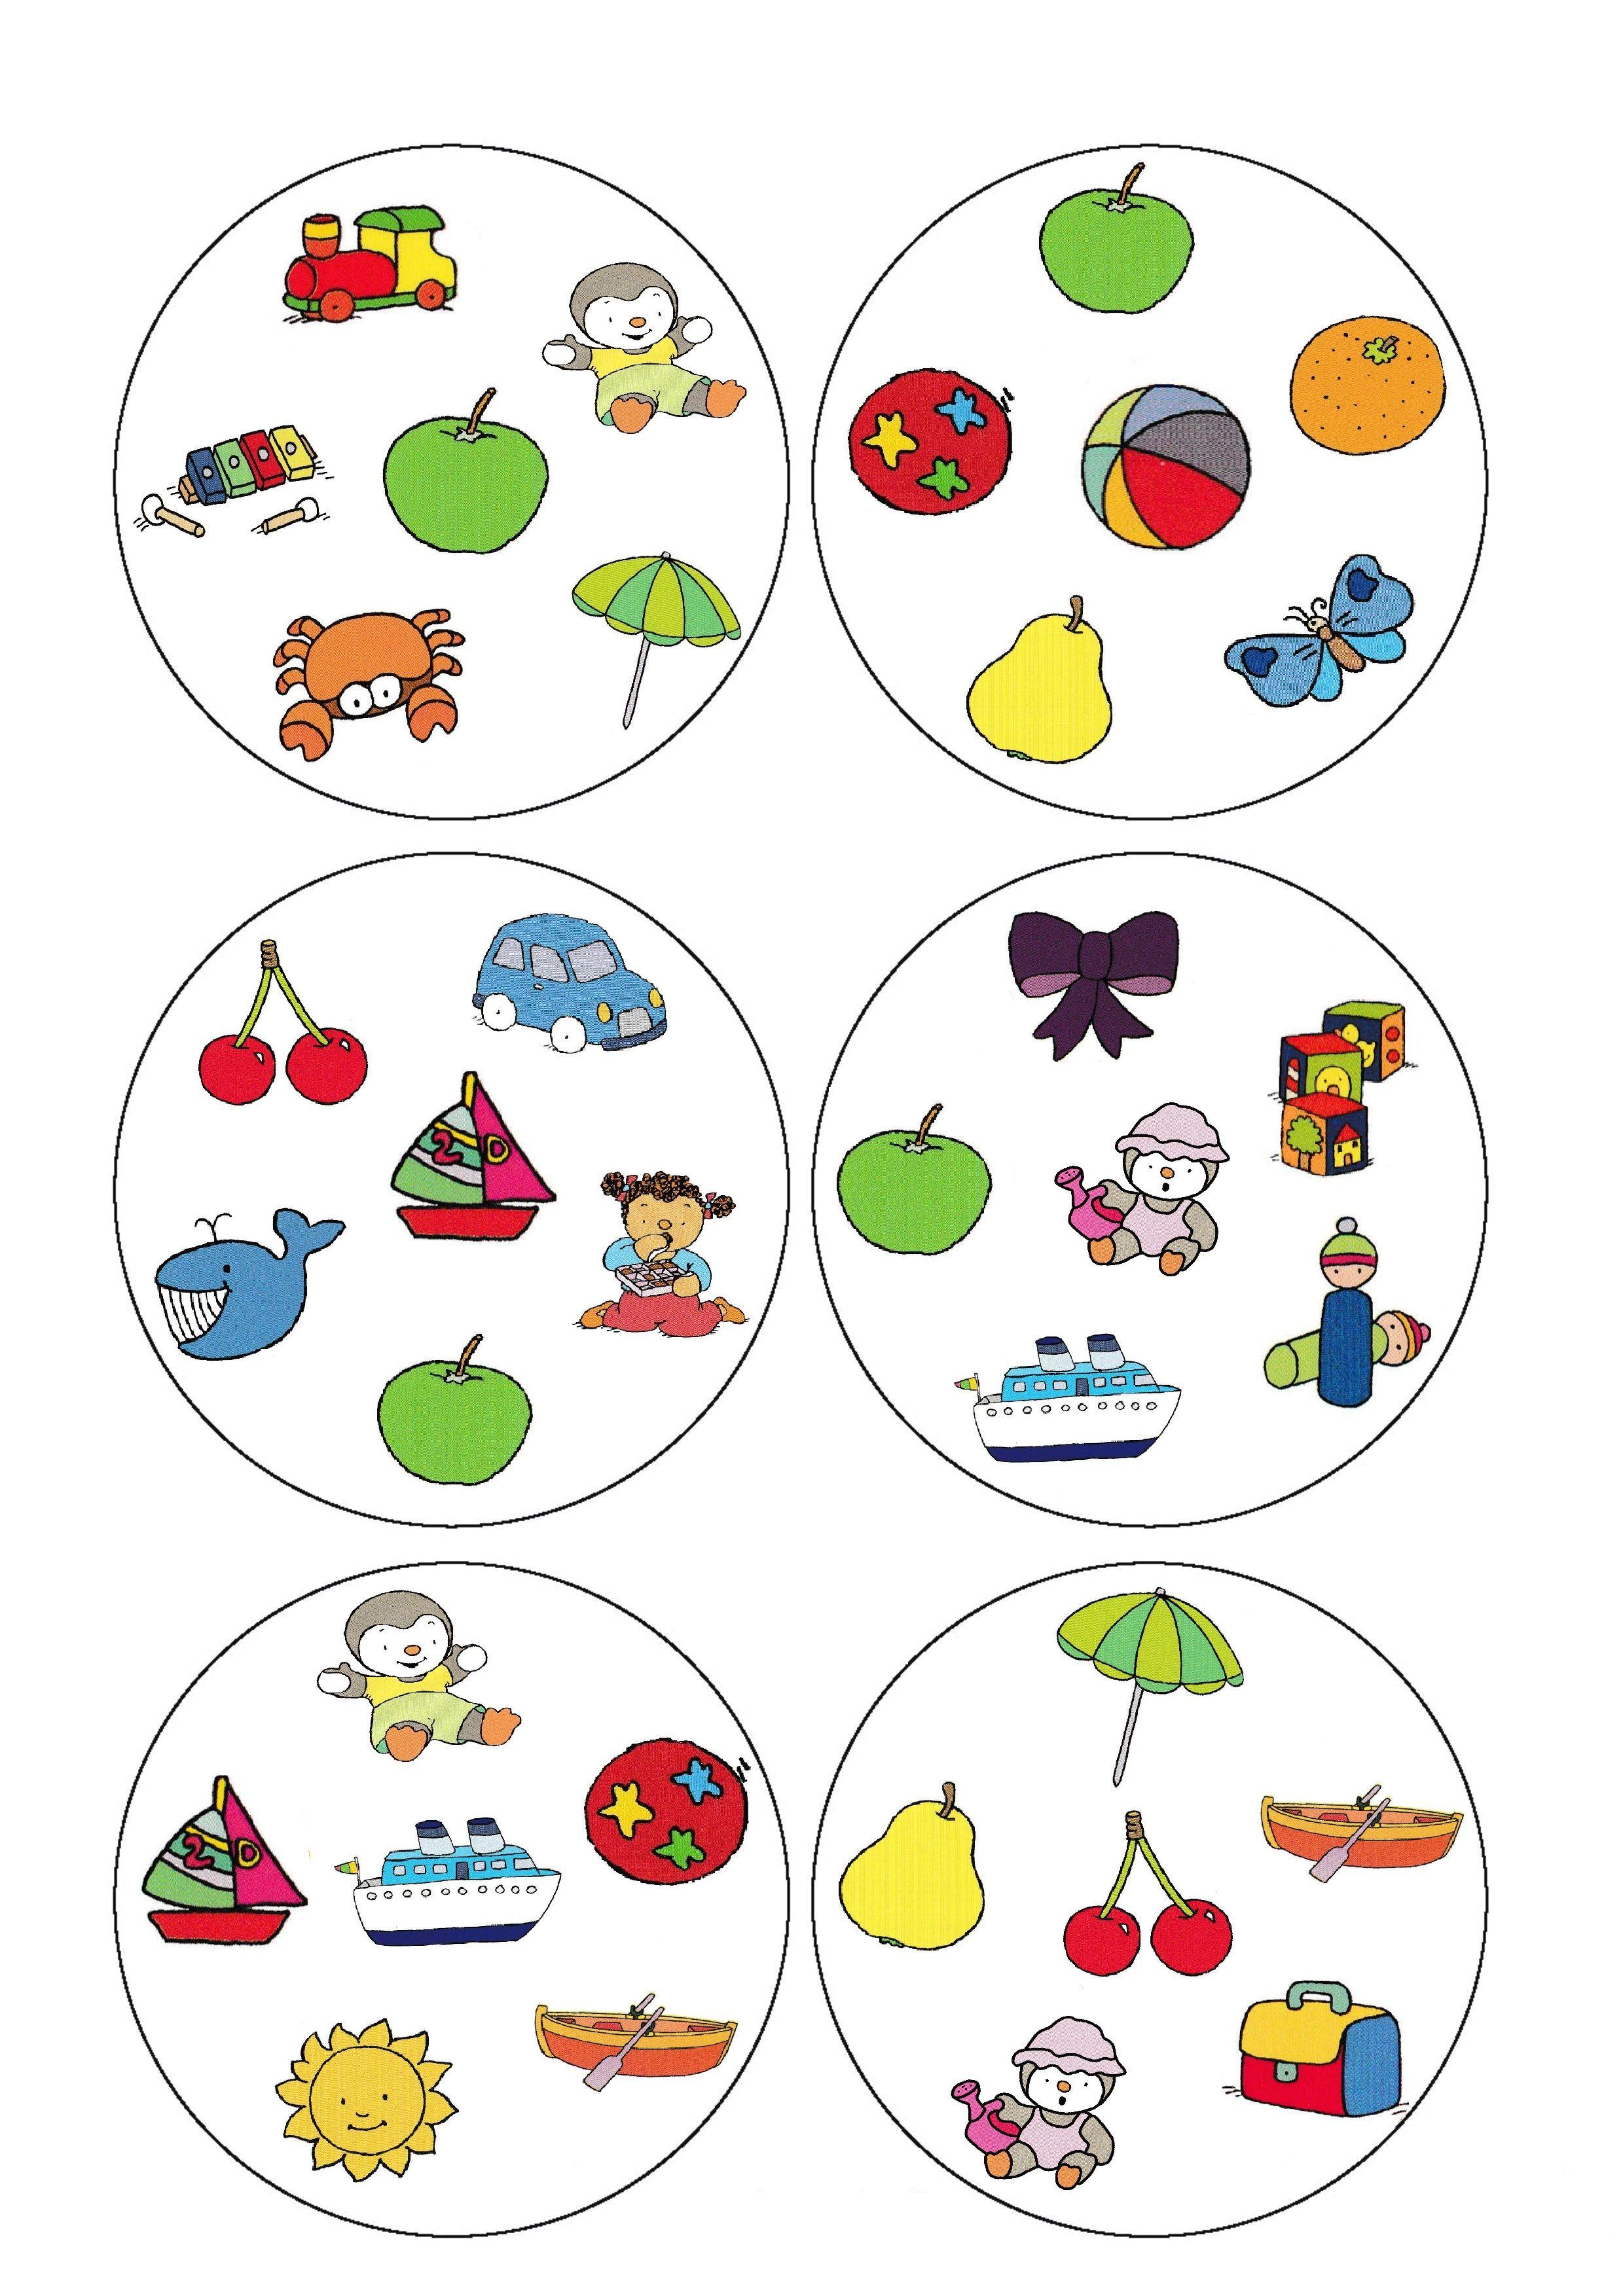 dobble jeu de carte a imprimer Jeu des doubles de T'choupi (avec images)   Jeux de dobble, Jeux a